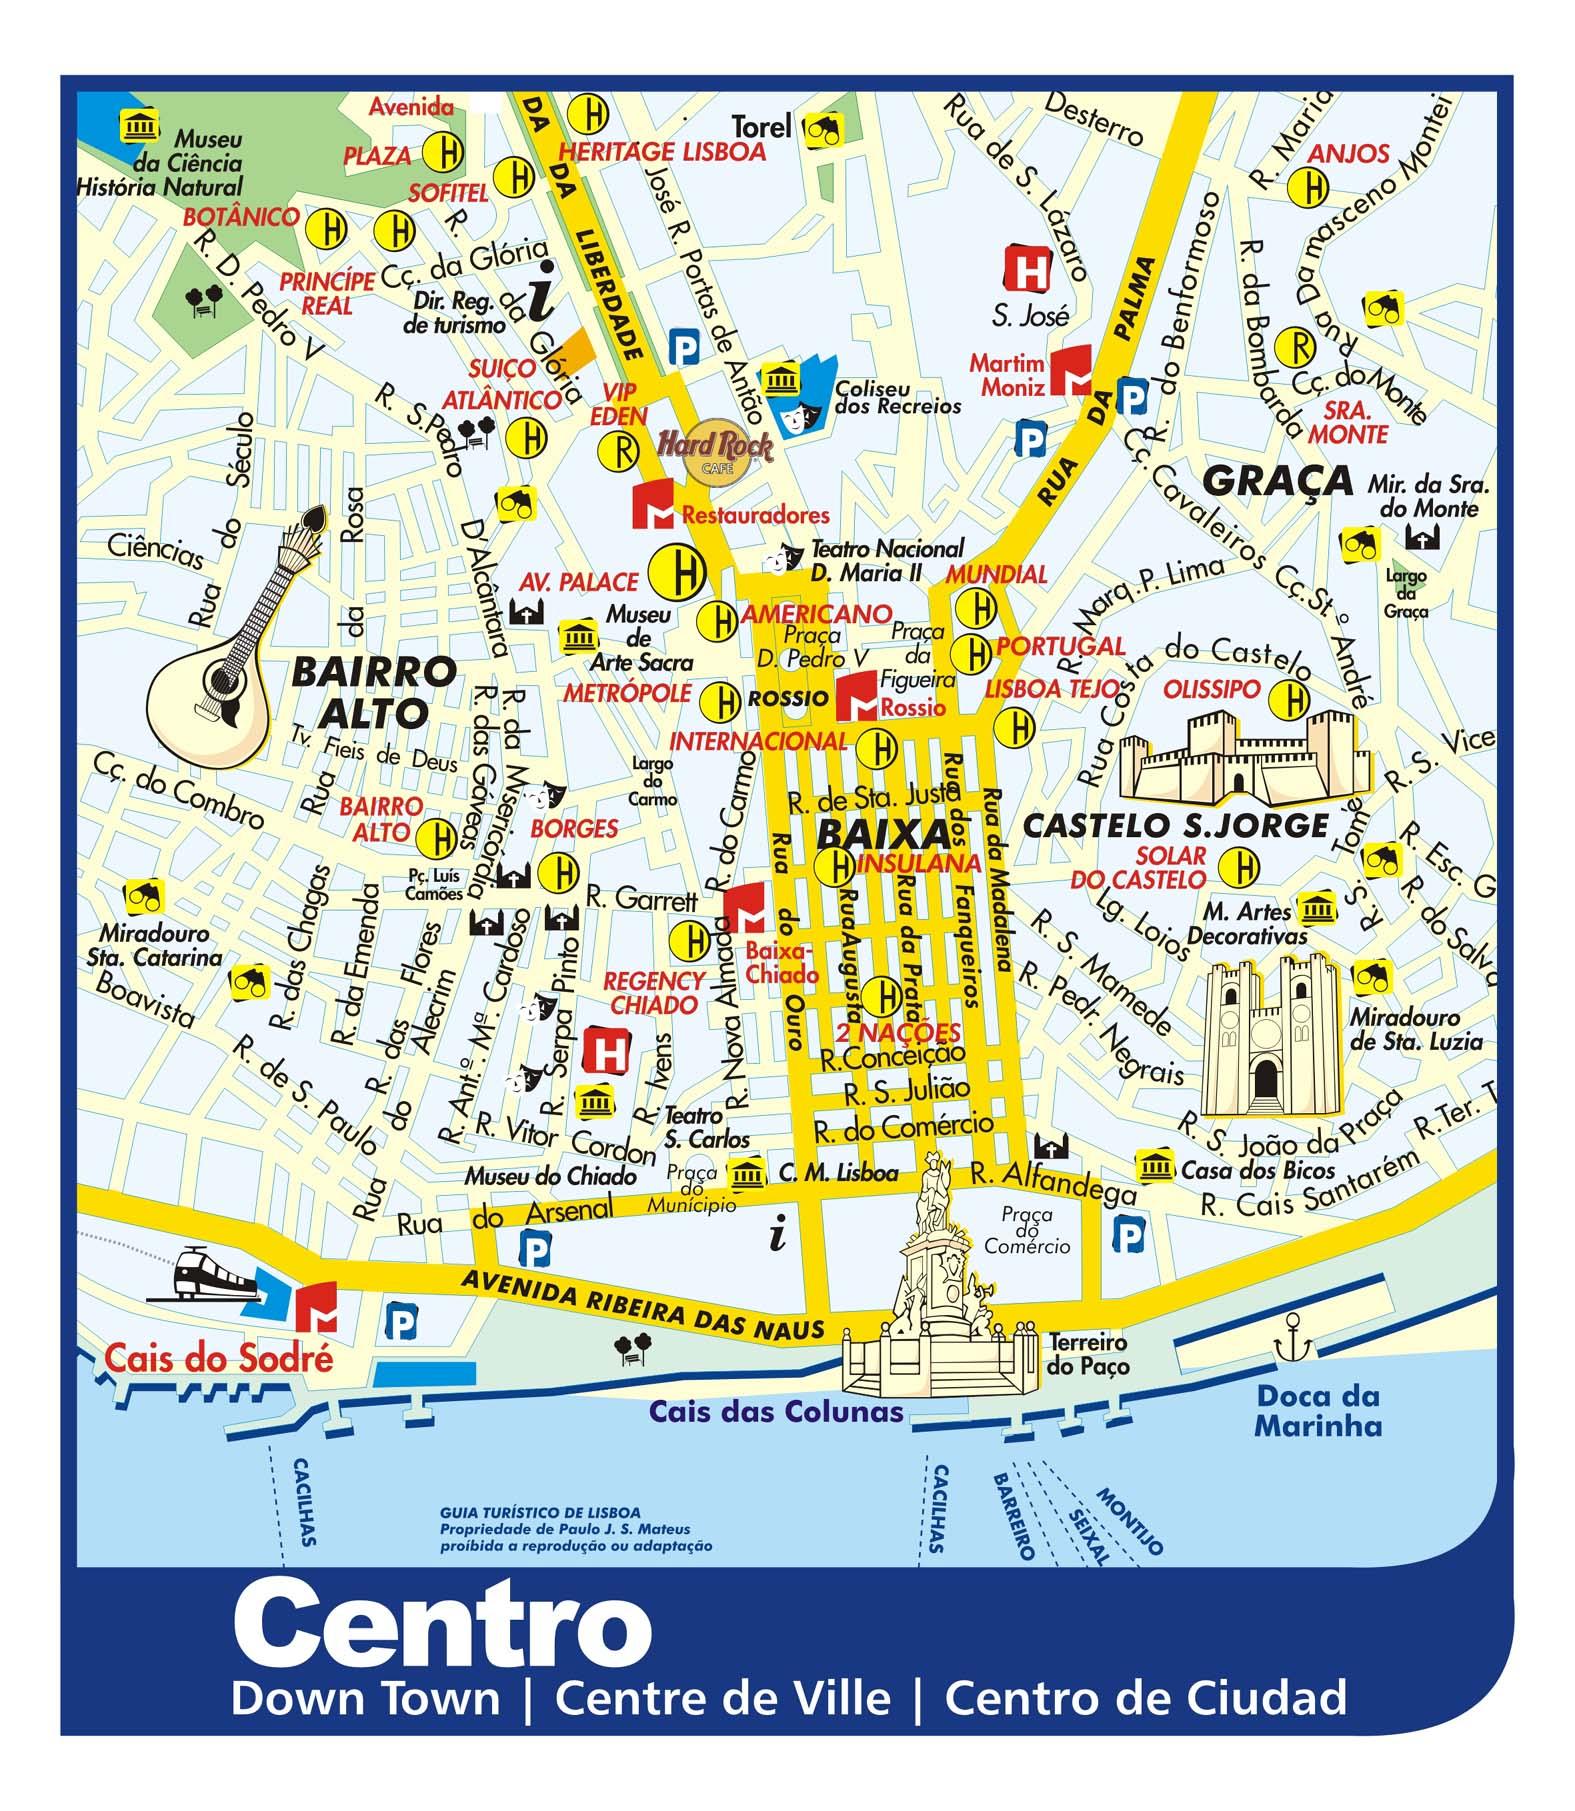 ver mapa de lisboa Mapa de Lisboa, Plano y callejero de Lisboa   101Viajes.com ver mapa de lisboa